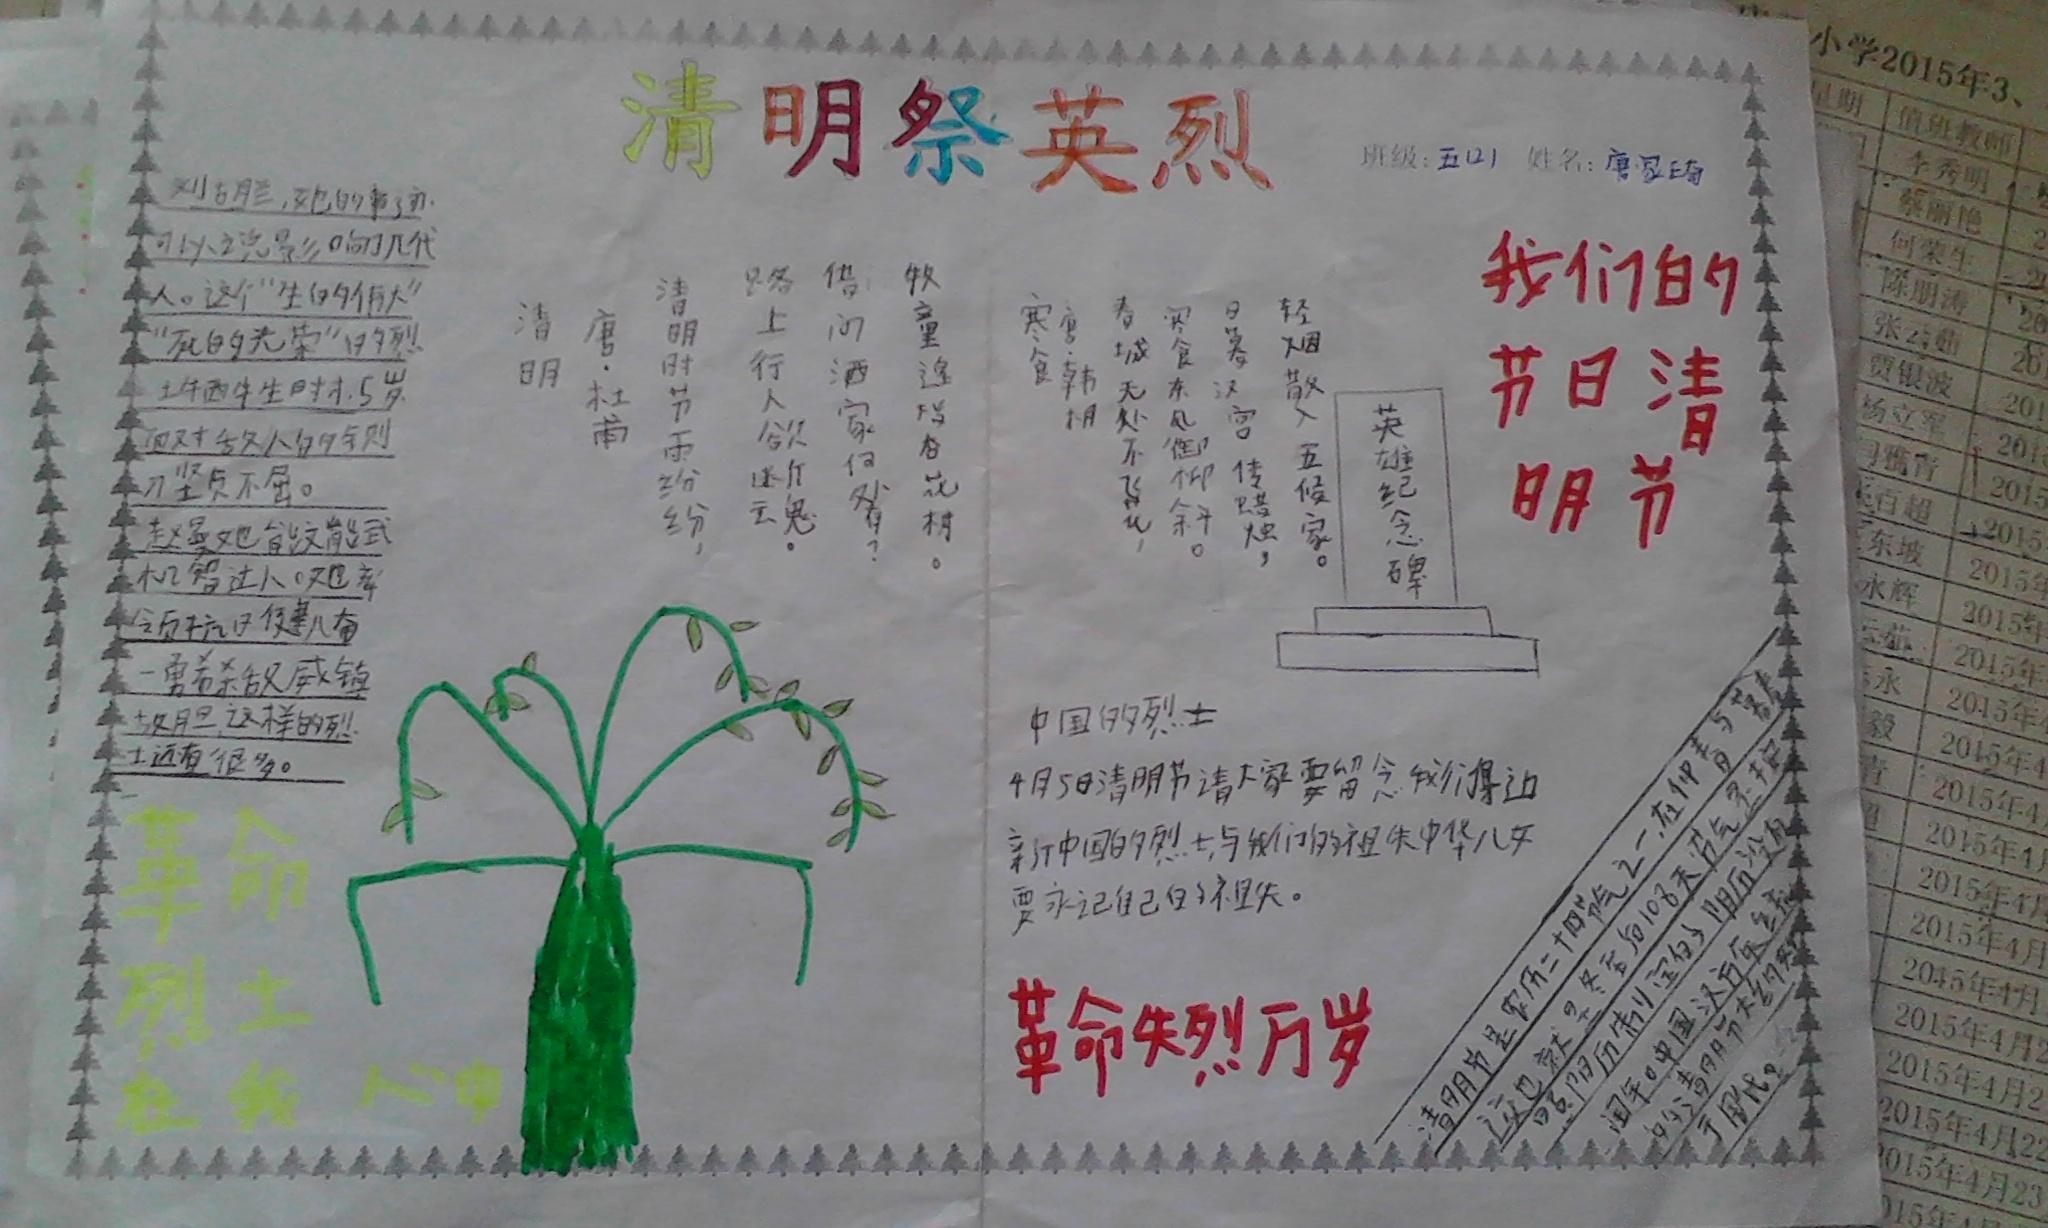 2015年清明节 /strong>手抄报